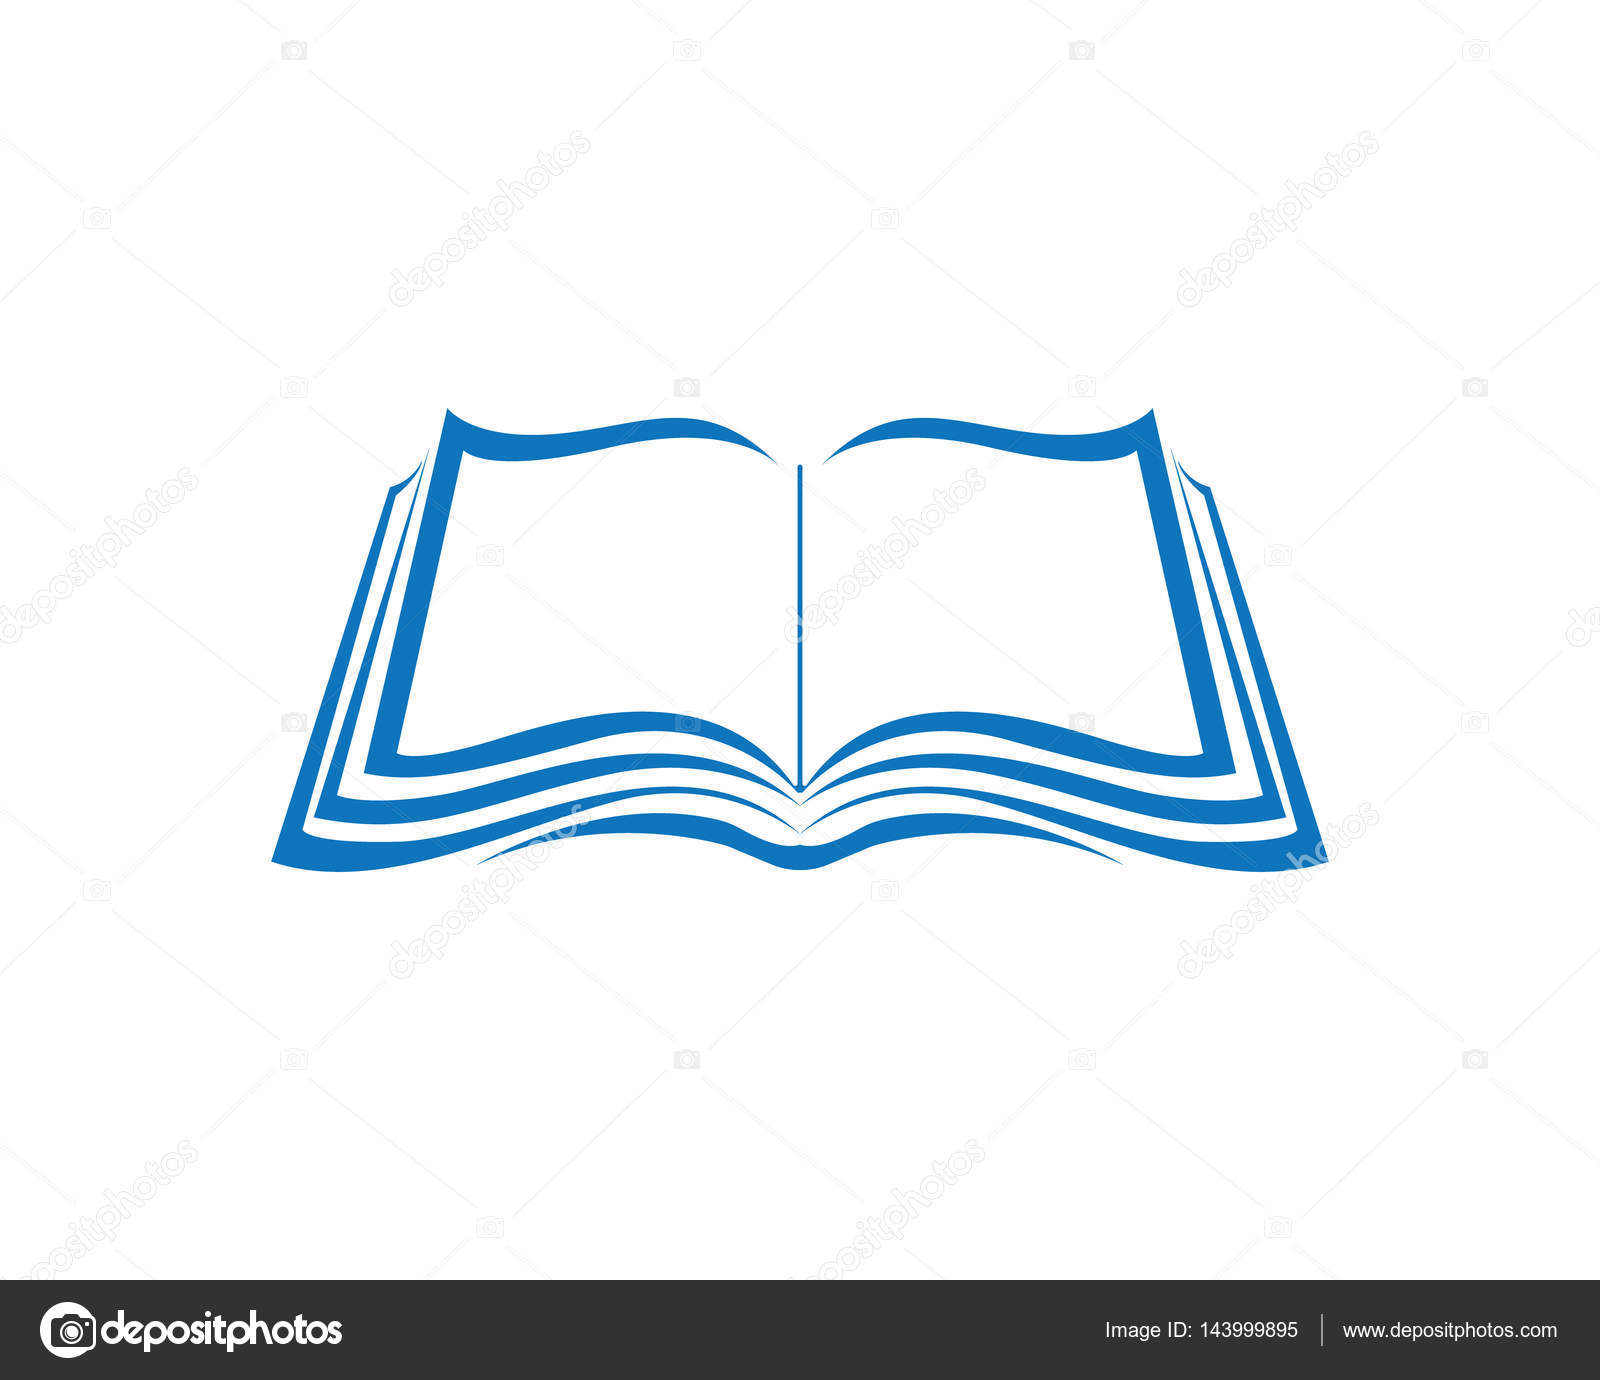 Libro y lectura escritura logo símbolos plantilla — Vector de stock ...